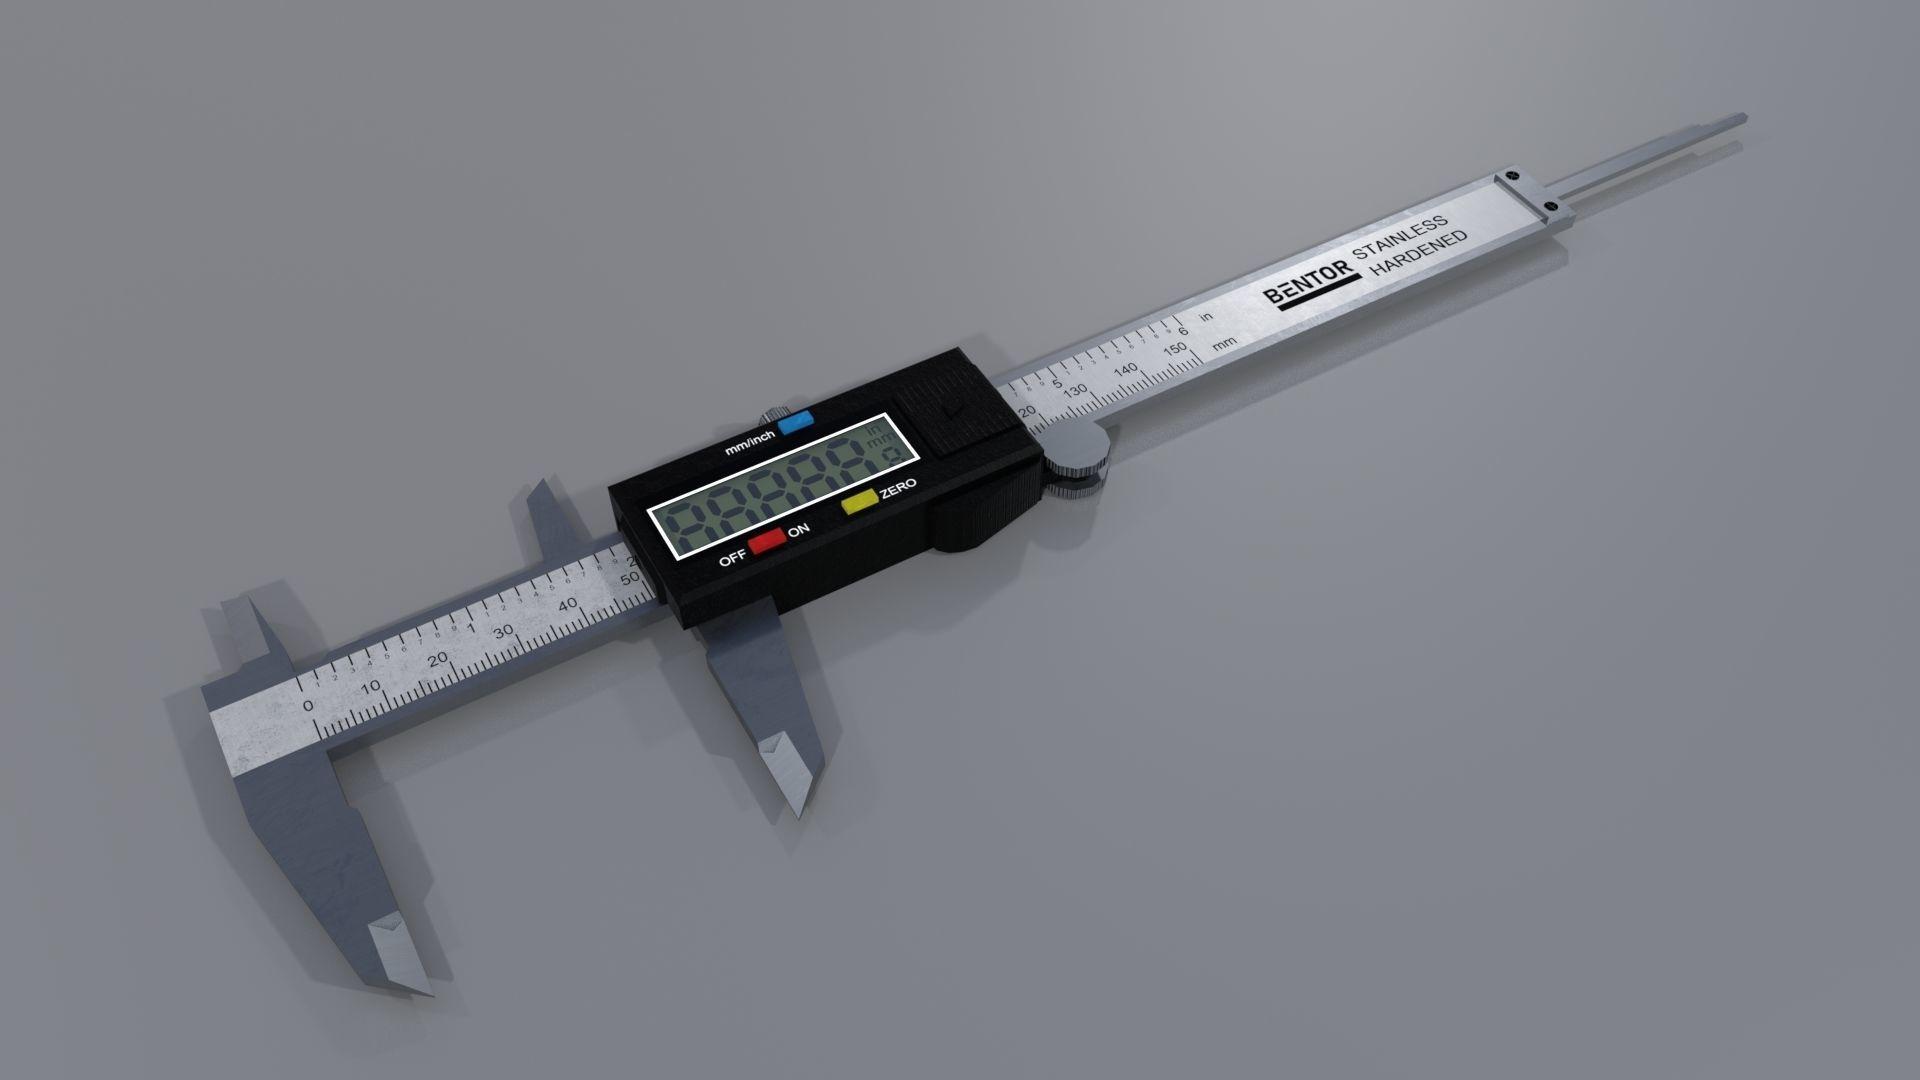 Digital caliper PBR